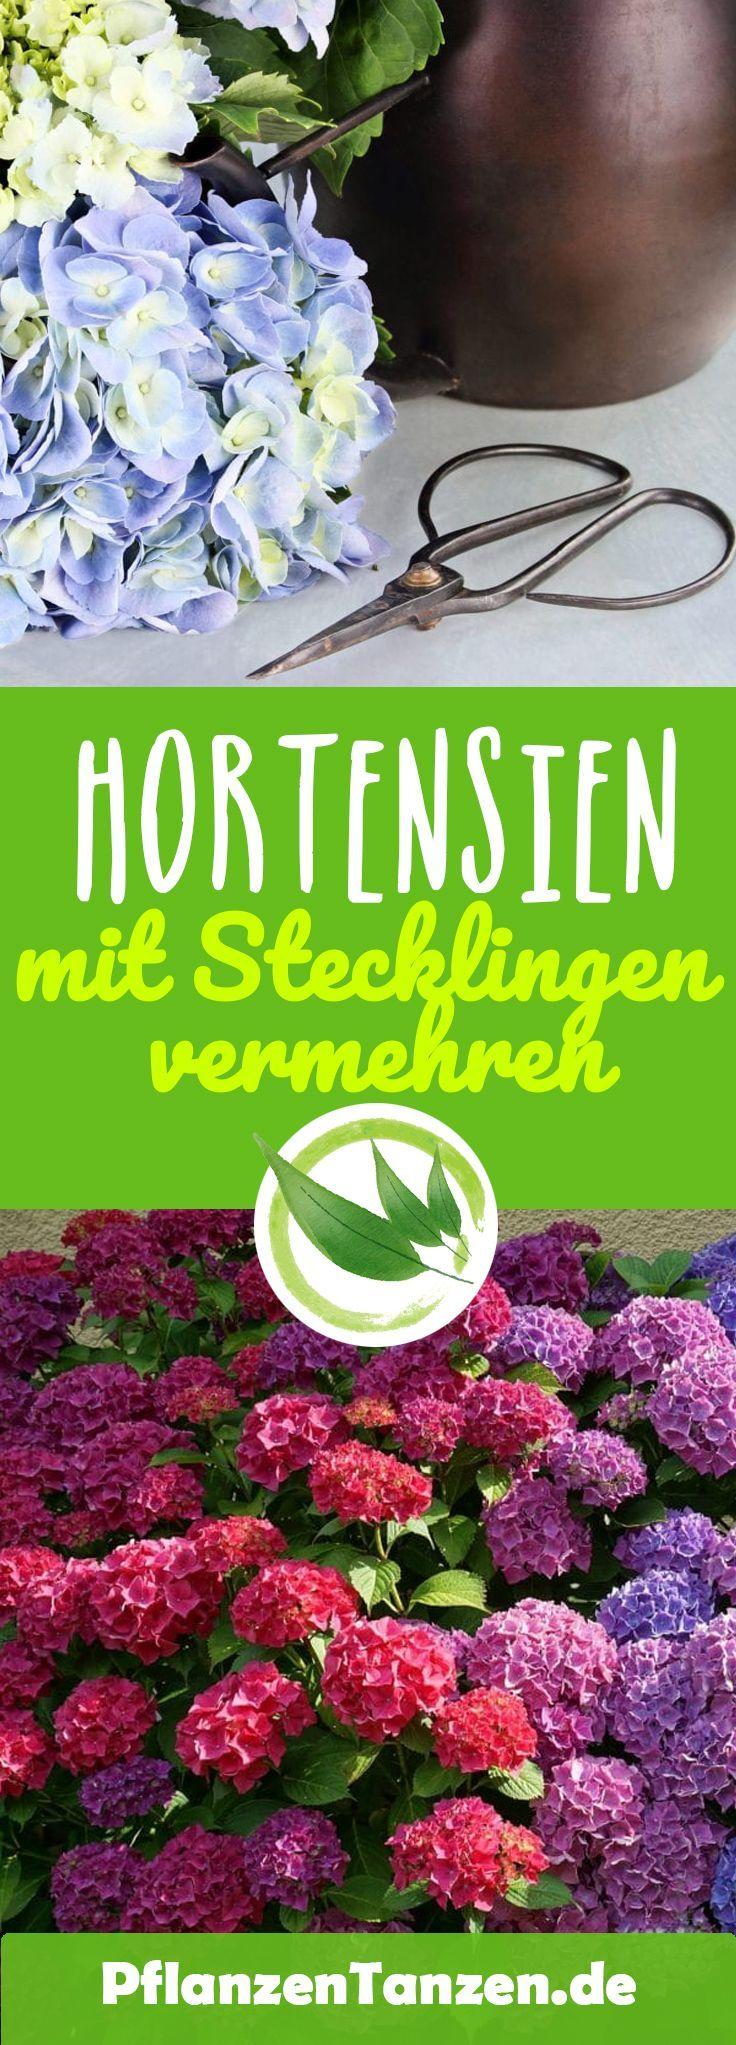 【ᐅ】Hortensien Pflege 2019 – Schneiden, vermehren, überwintern